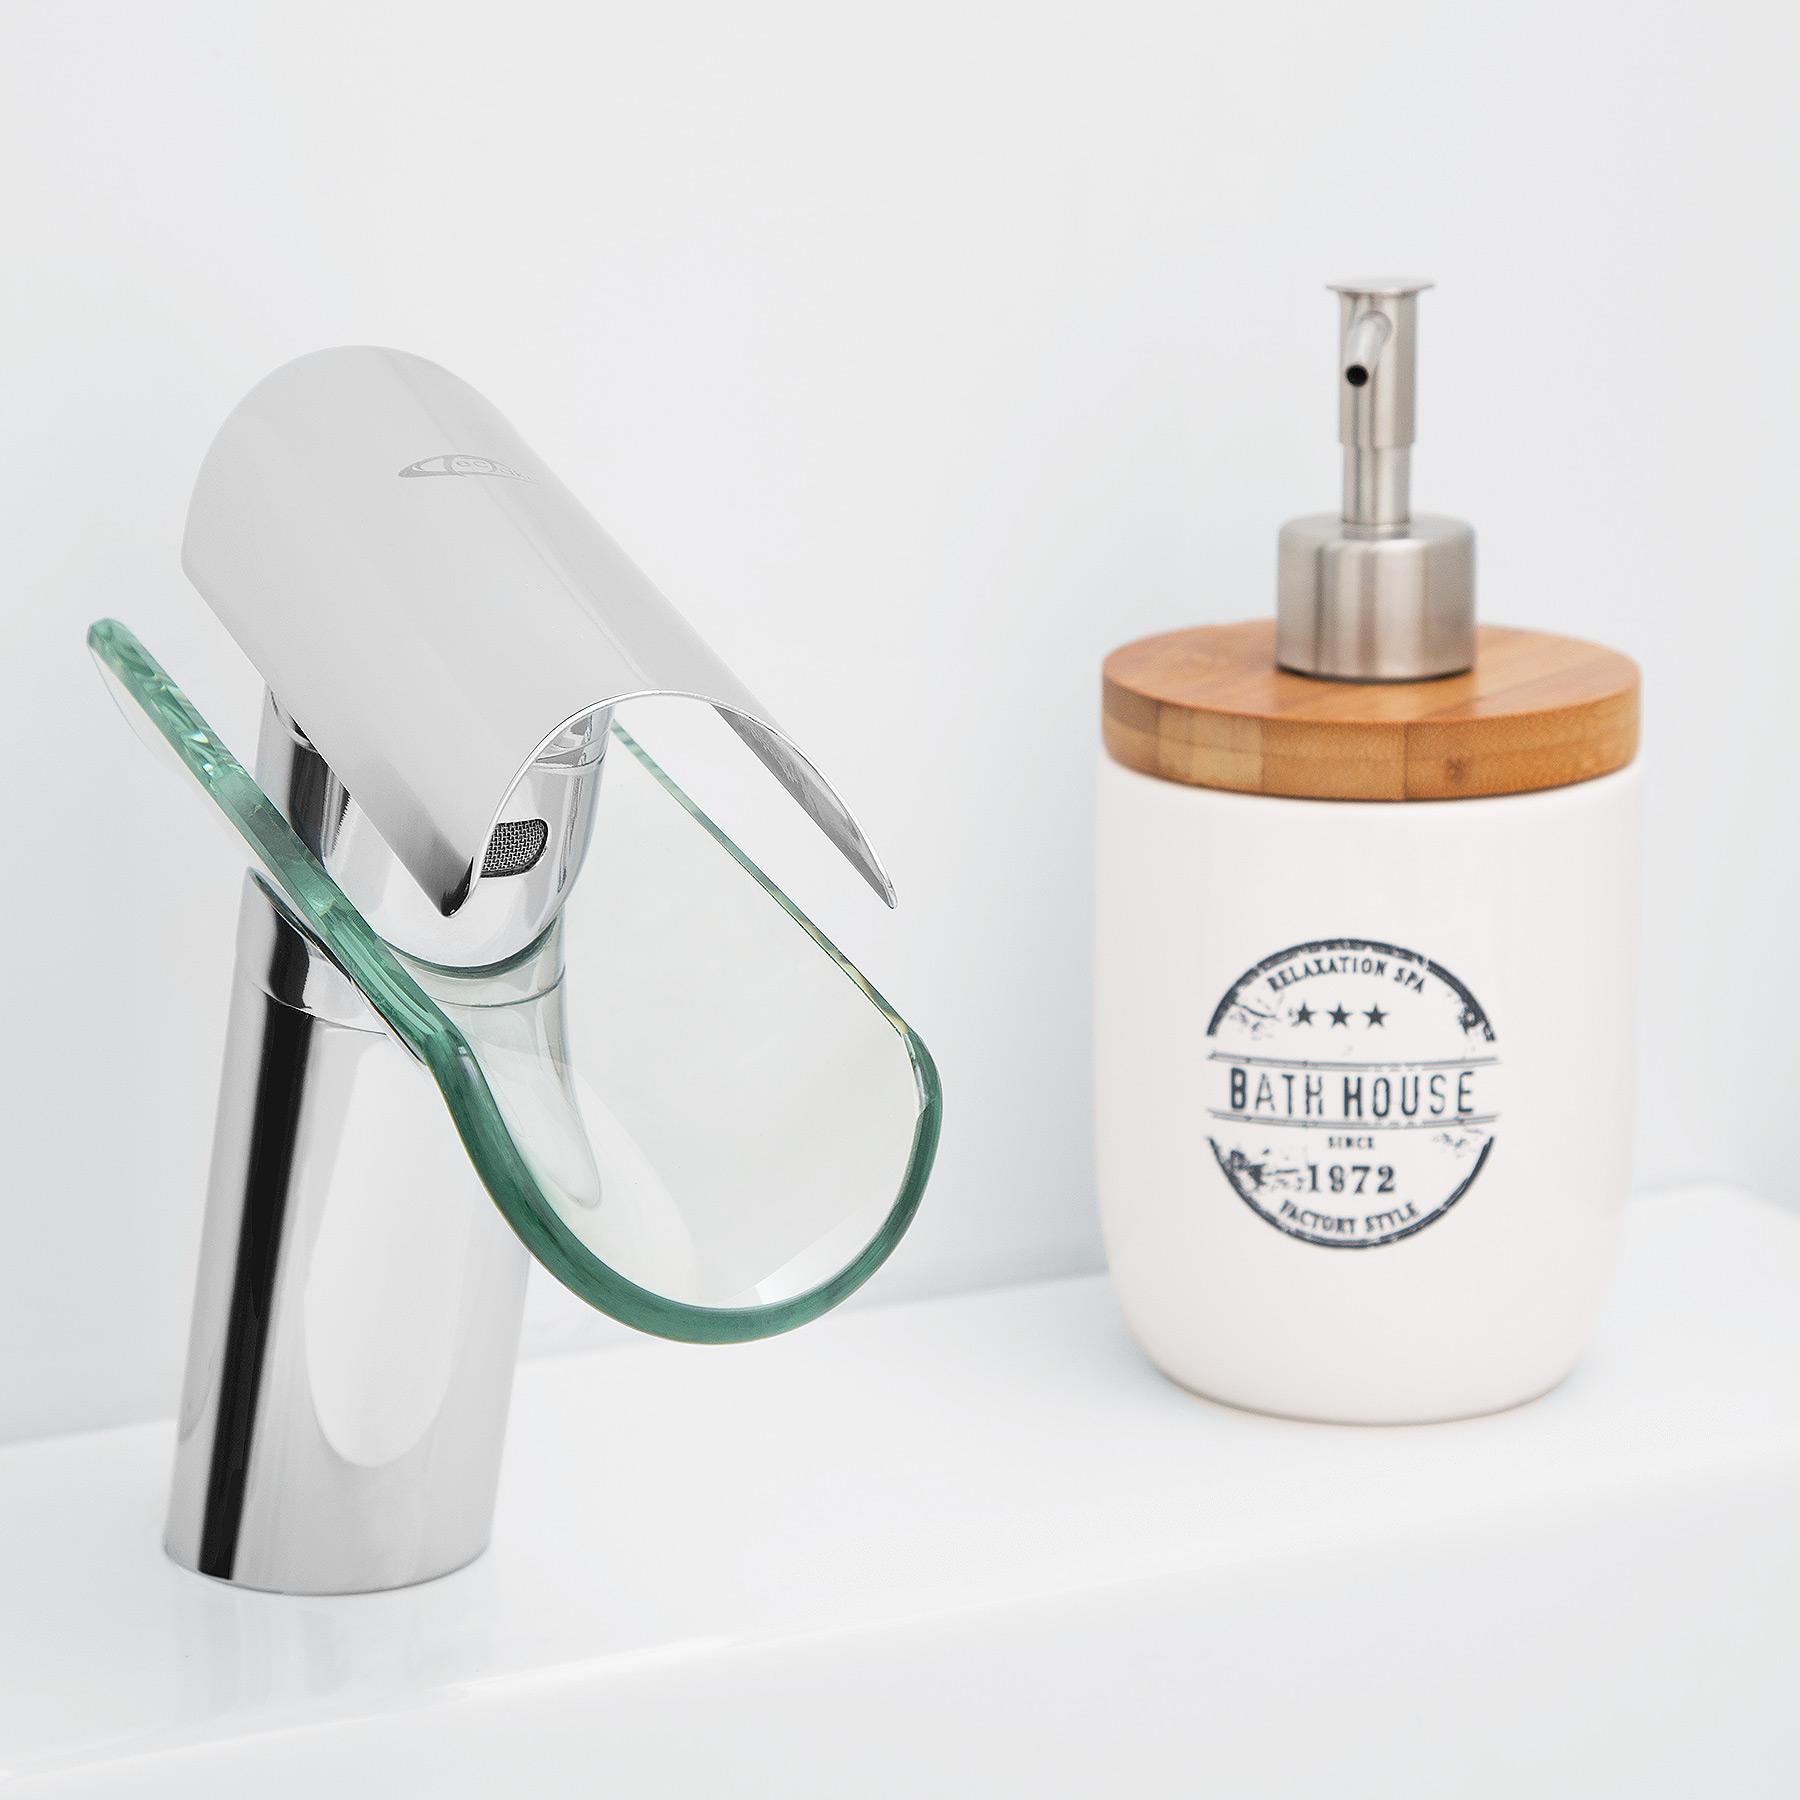 Mitigeur de lavabo cascade vier salle de bain faucet for Mitigeur salle de bain design